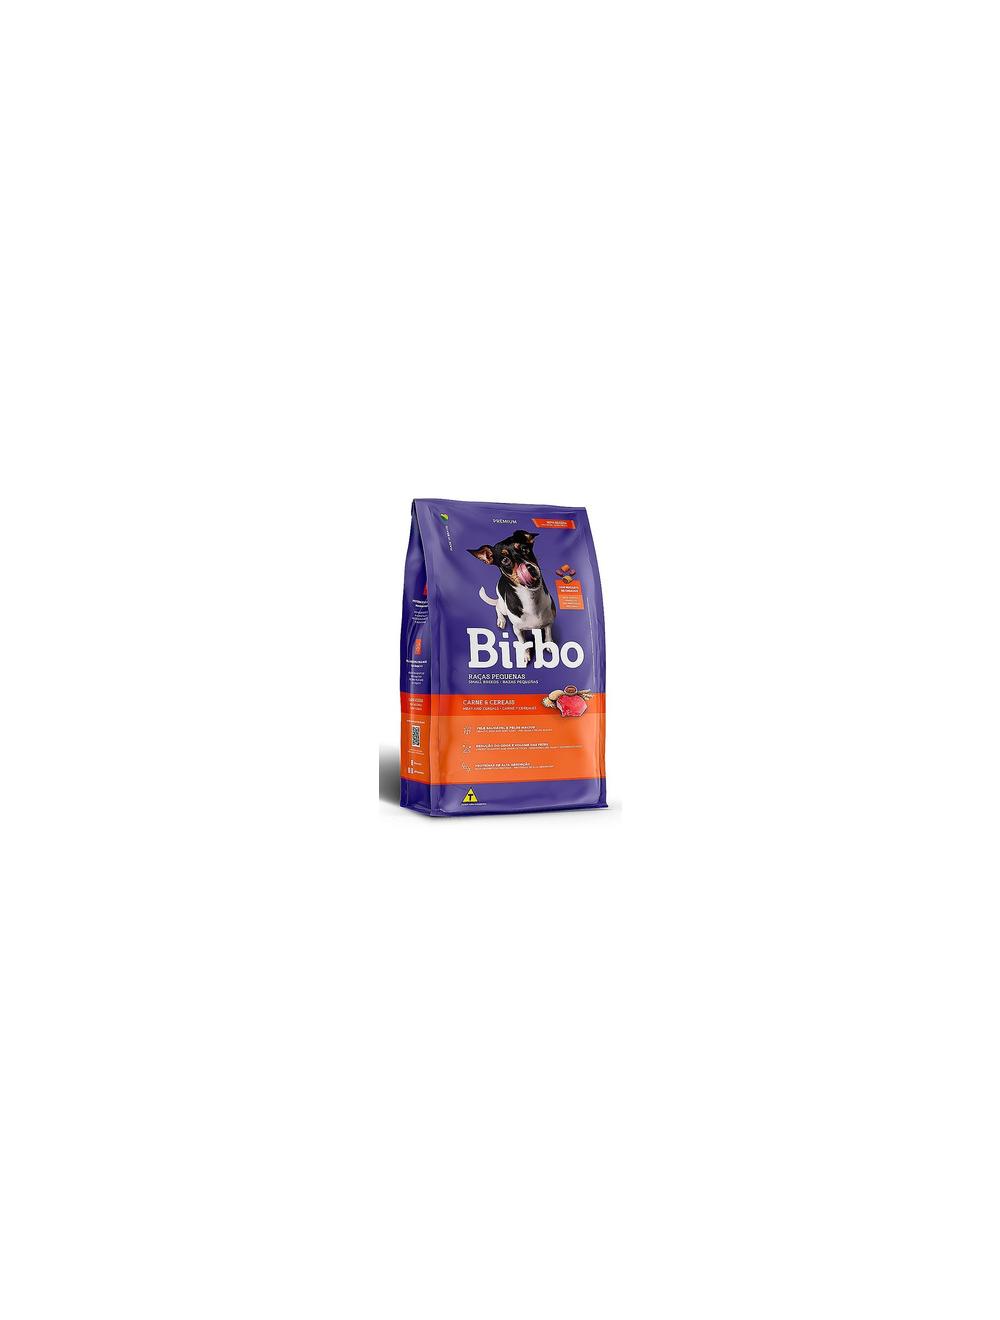 Birbo Dog Adulto Razas Pequeñas 1 kg - Ciudaddemascotas.com